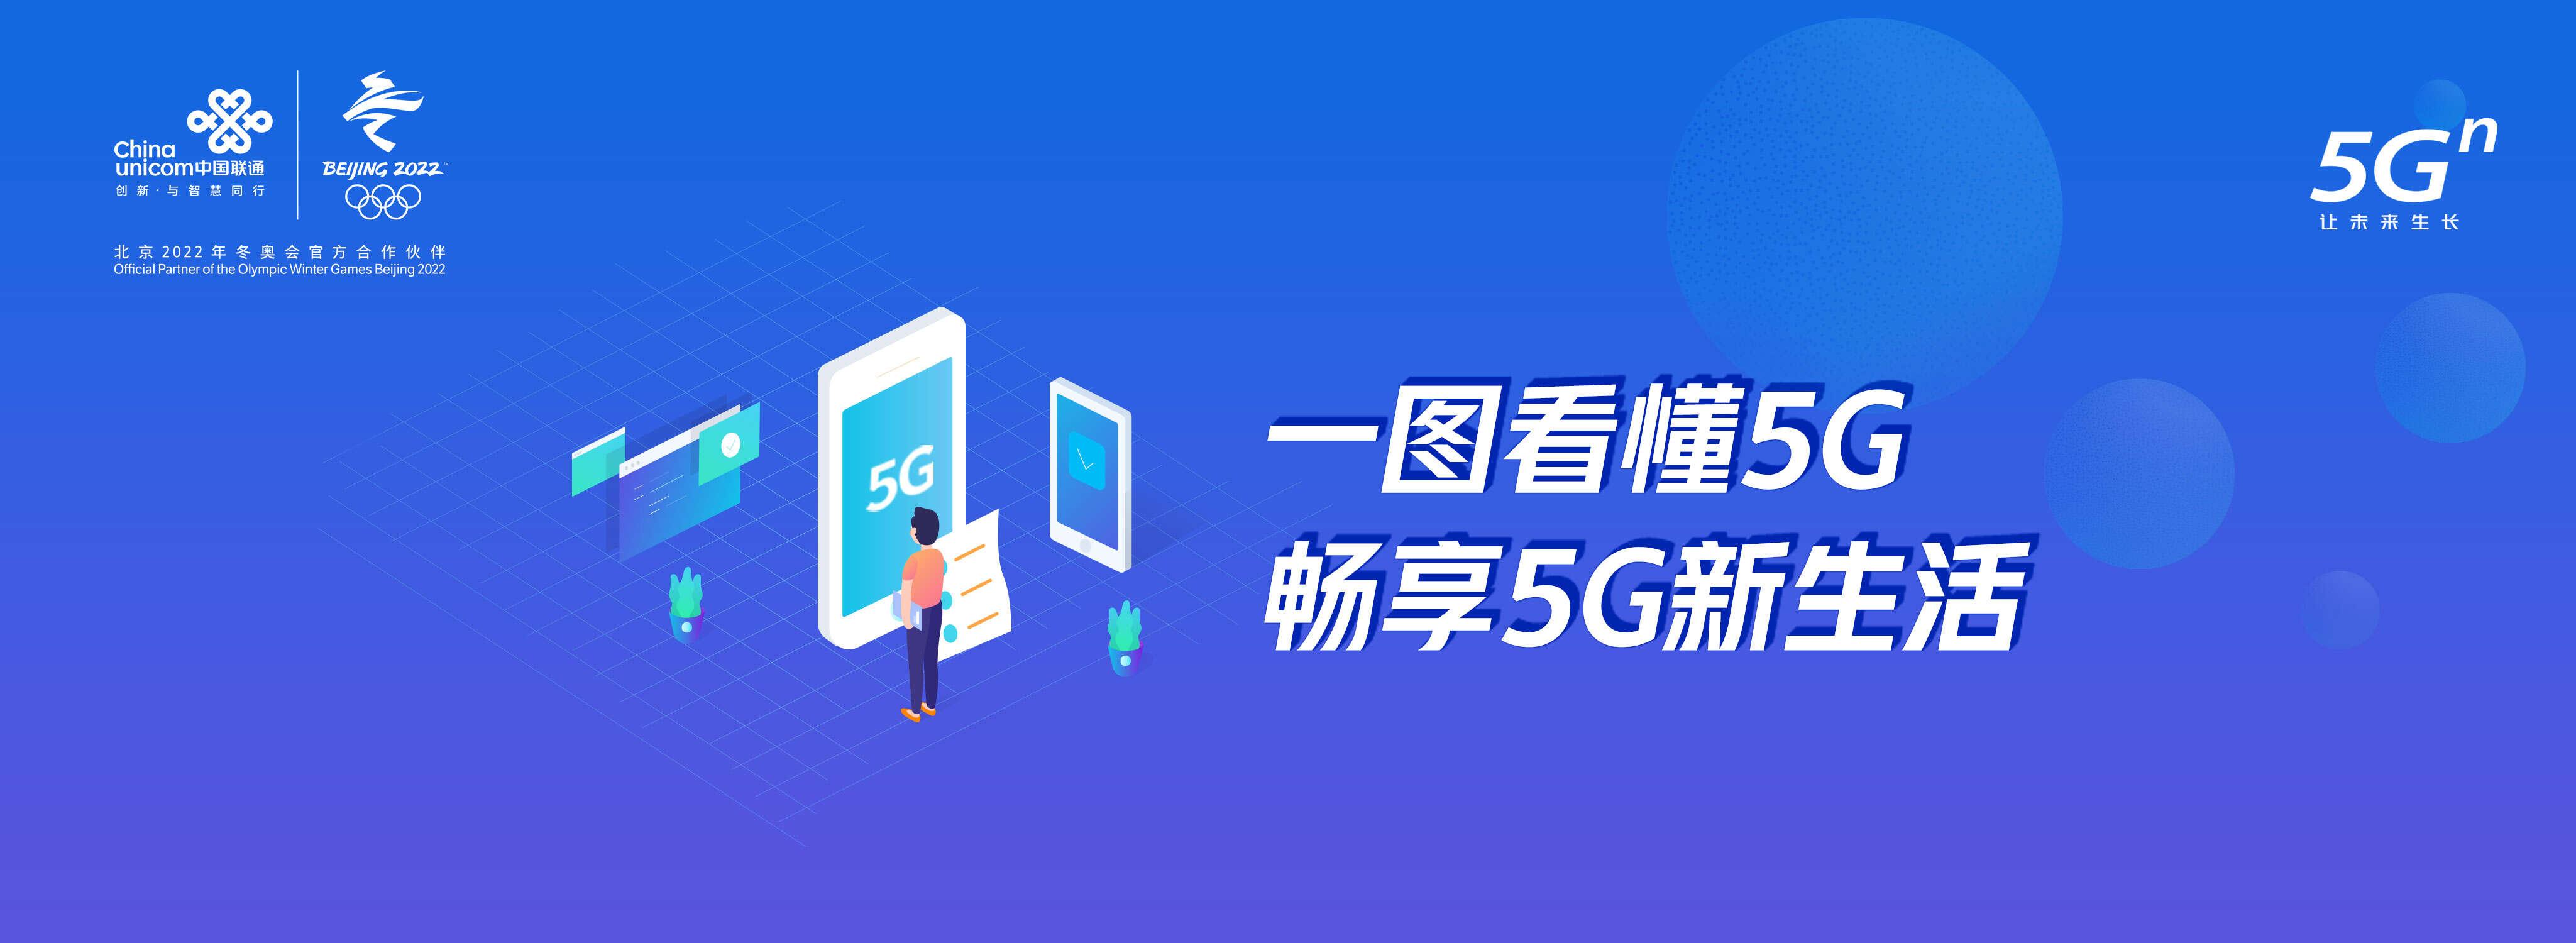 一图看懂5G